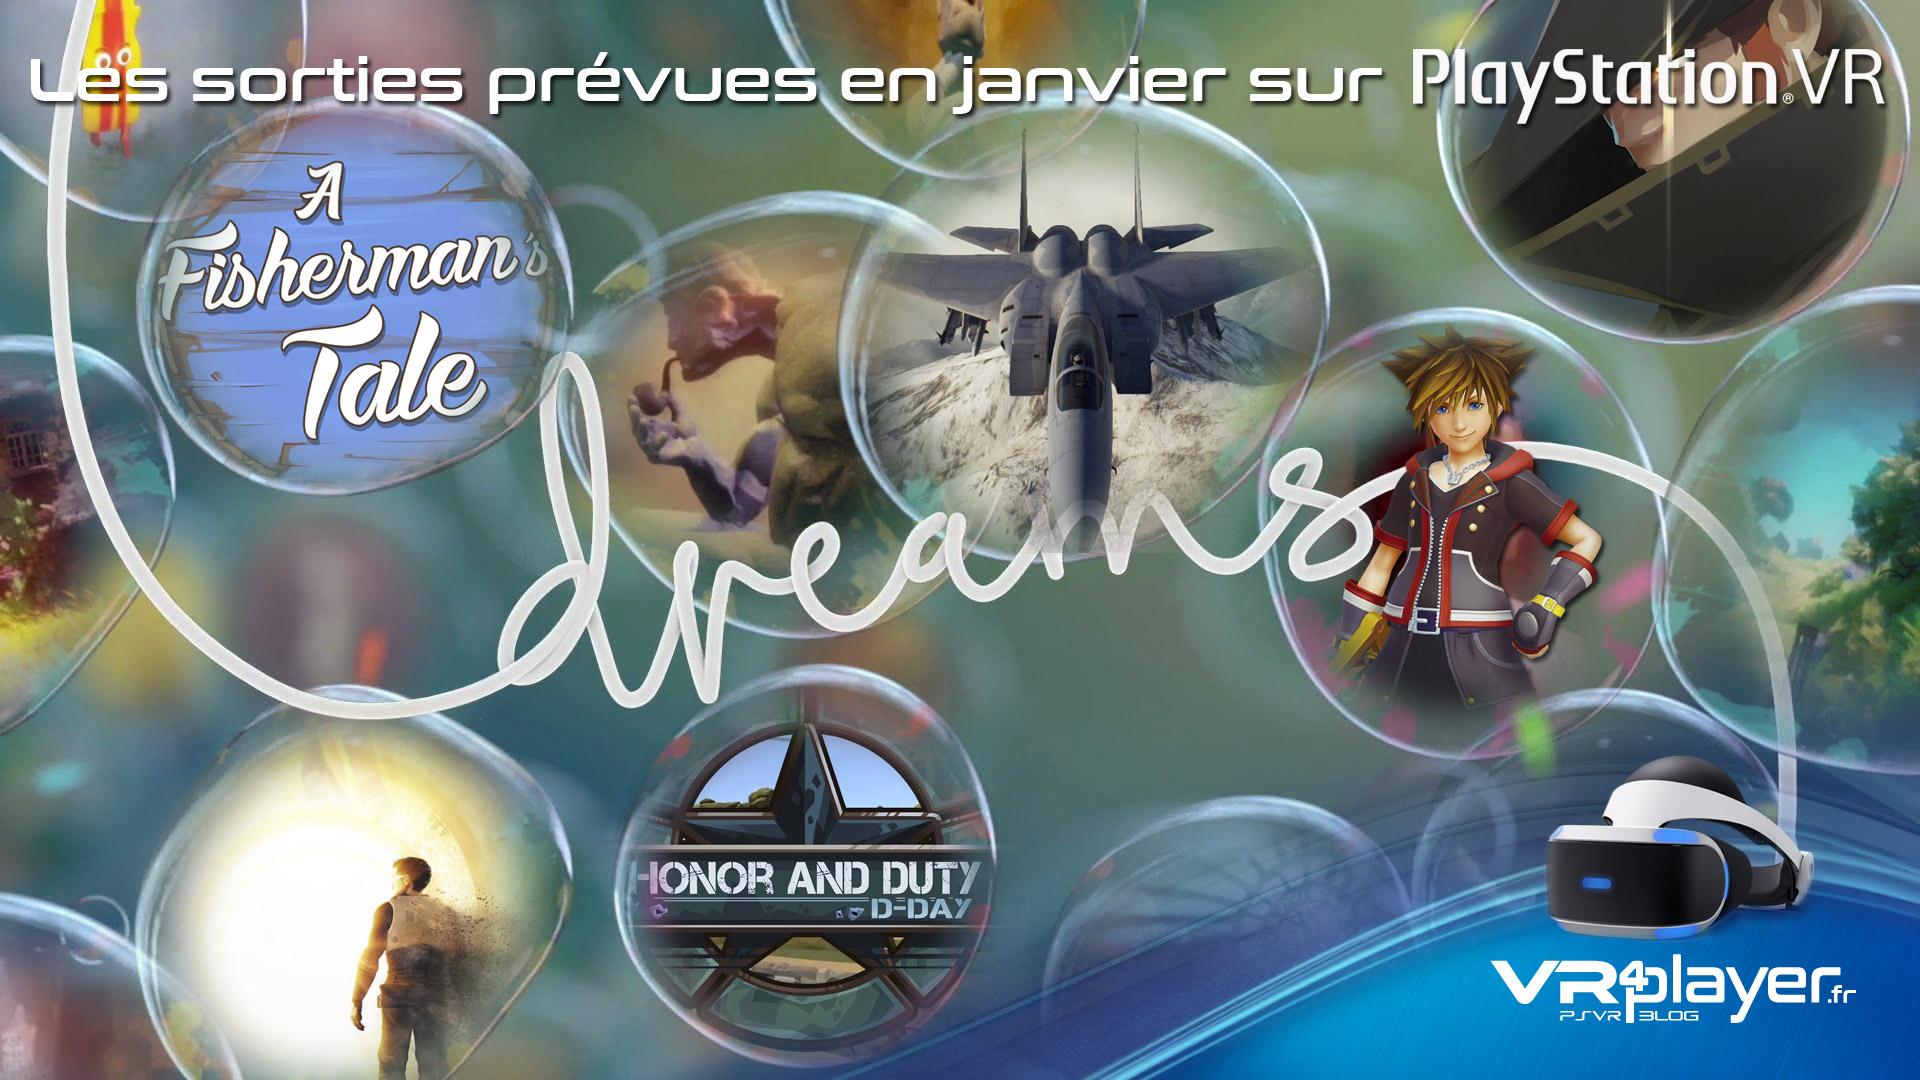 Les sorties prévues en janvier 2019 sur PSVR - vr4player.fr